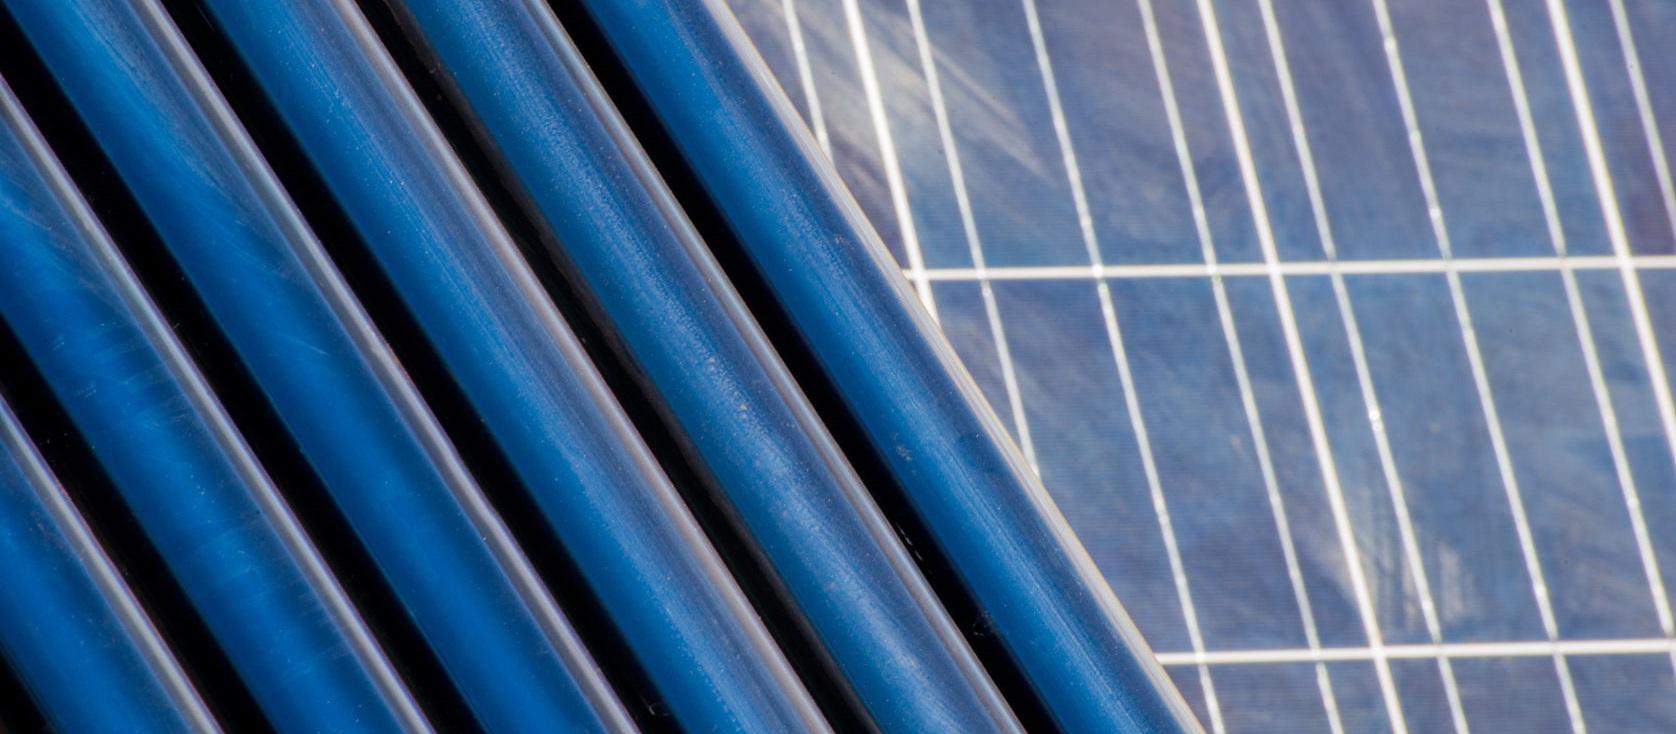 panneau solaire comparatif tube sous vide